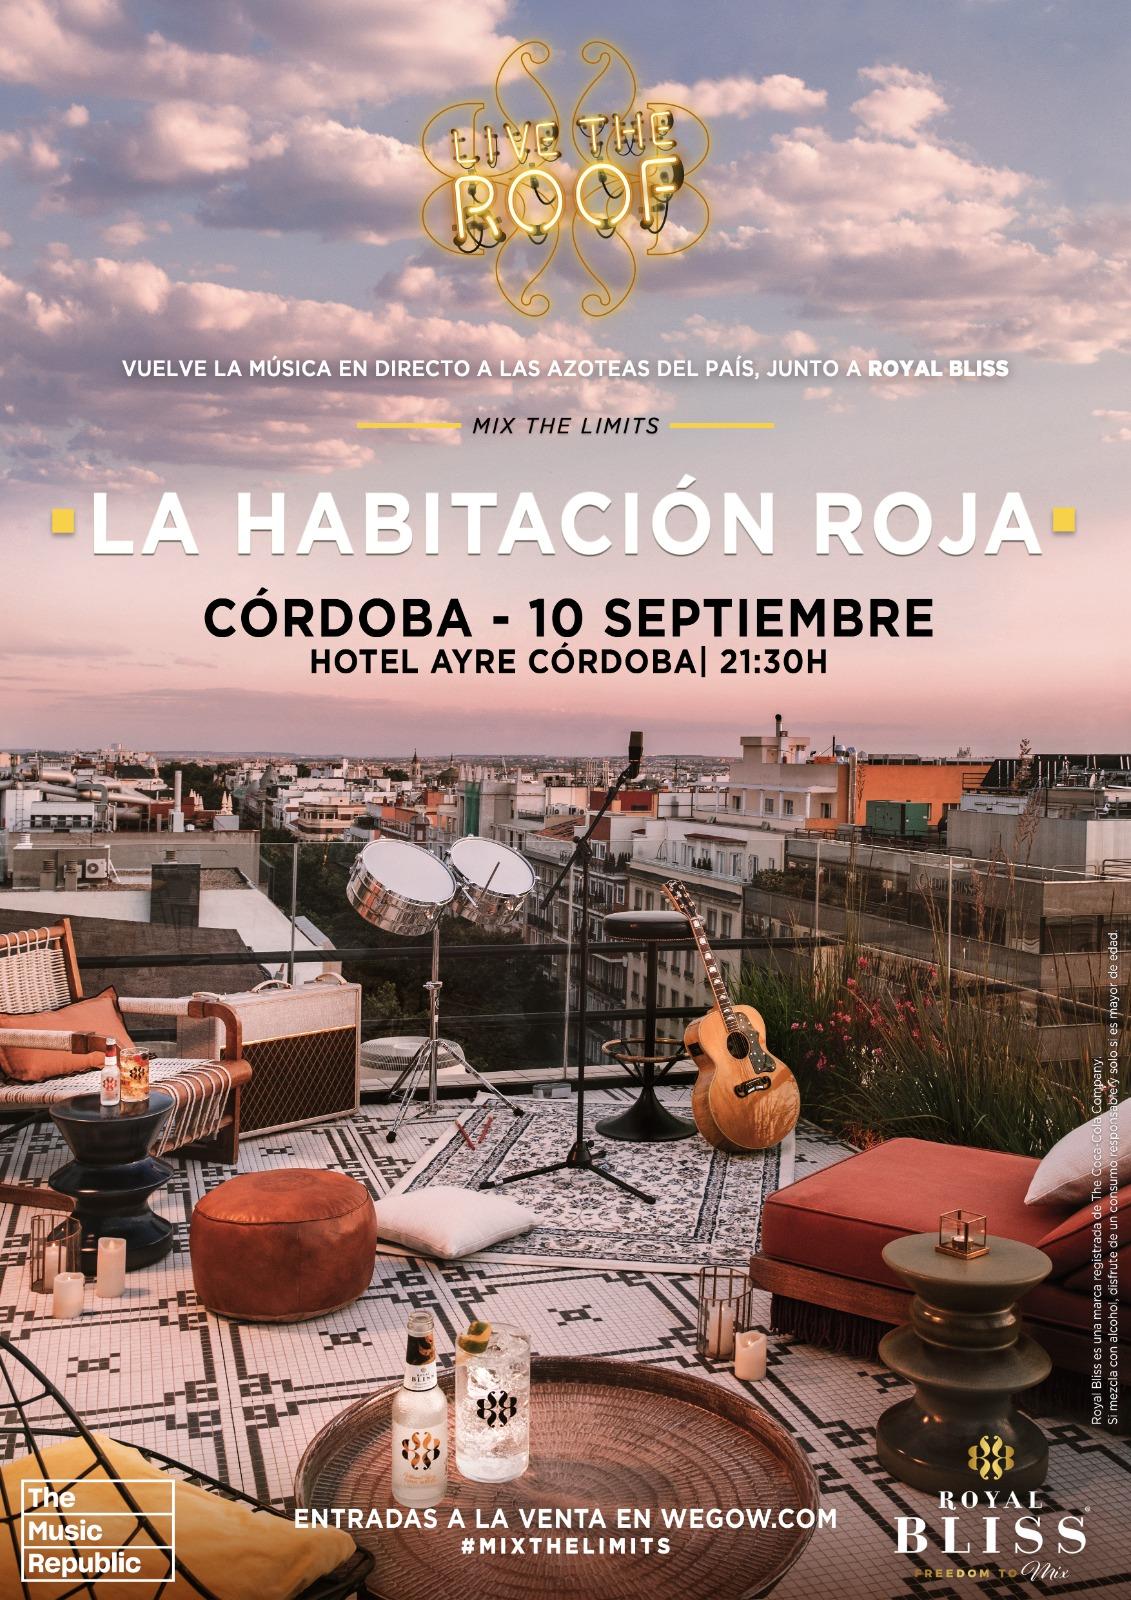 la habitacion roja en live the roof cordoba 1623678139029562